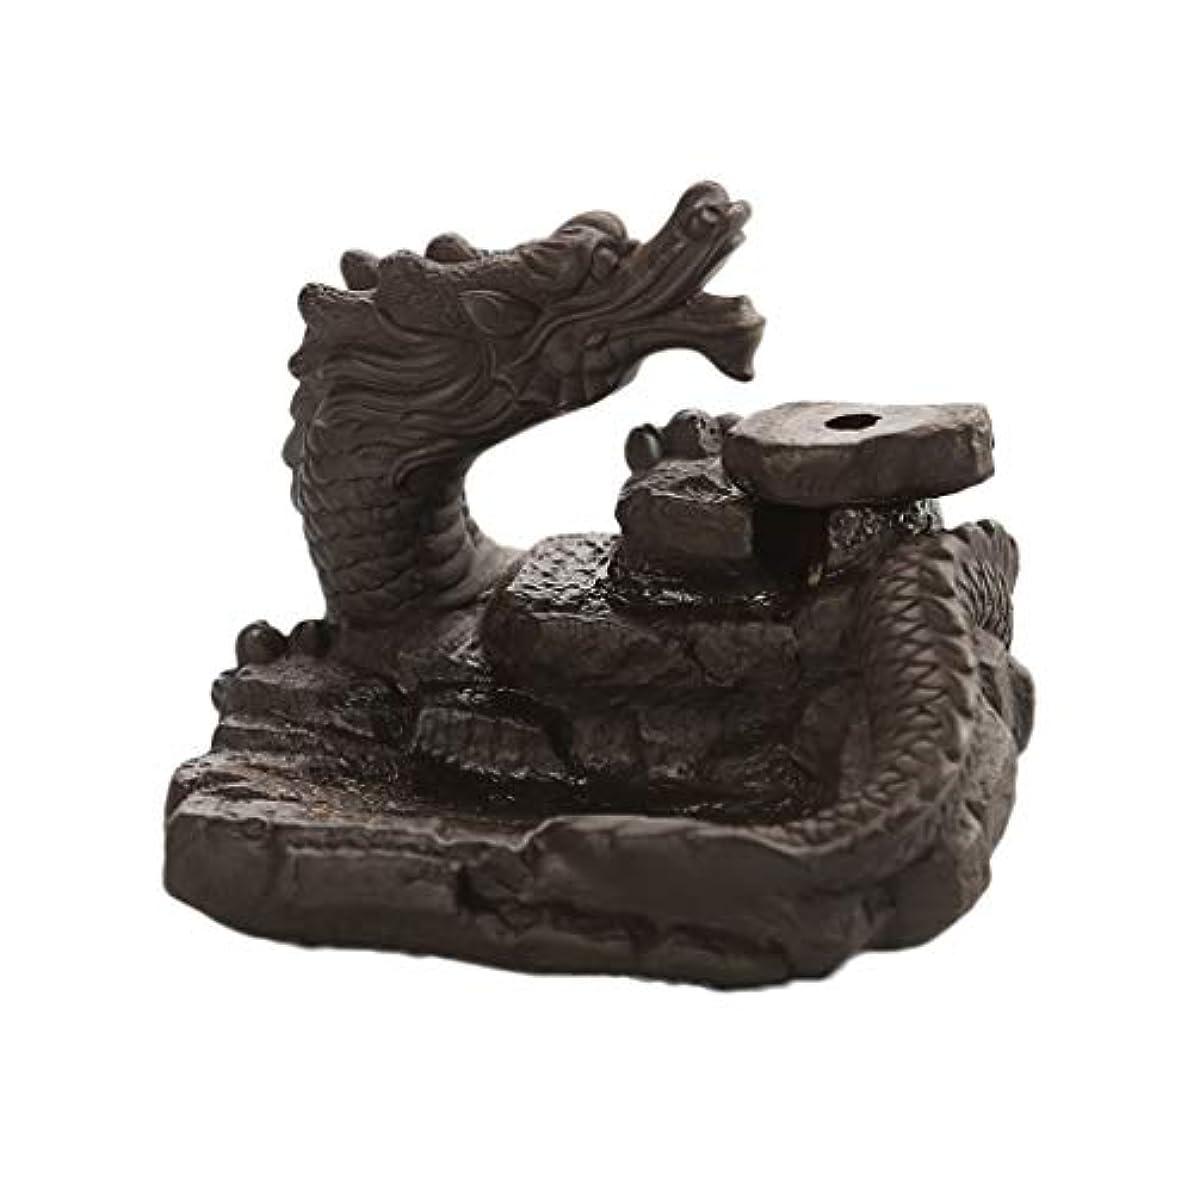 増加するリラックスしたコンパイル家の装飾ドラゴン逆流還流香バーナーセラミックスティックホルダーコーンセンサー茶室飾り香炉 芳香器?アロマバーナー (Color : Black, サイズ : 3.46*3.14*2.36 inches)